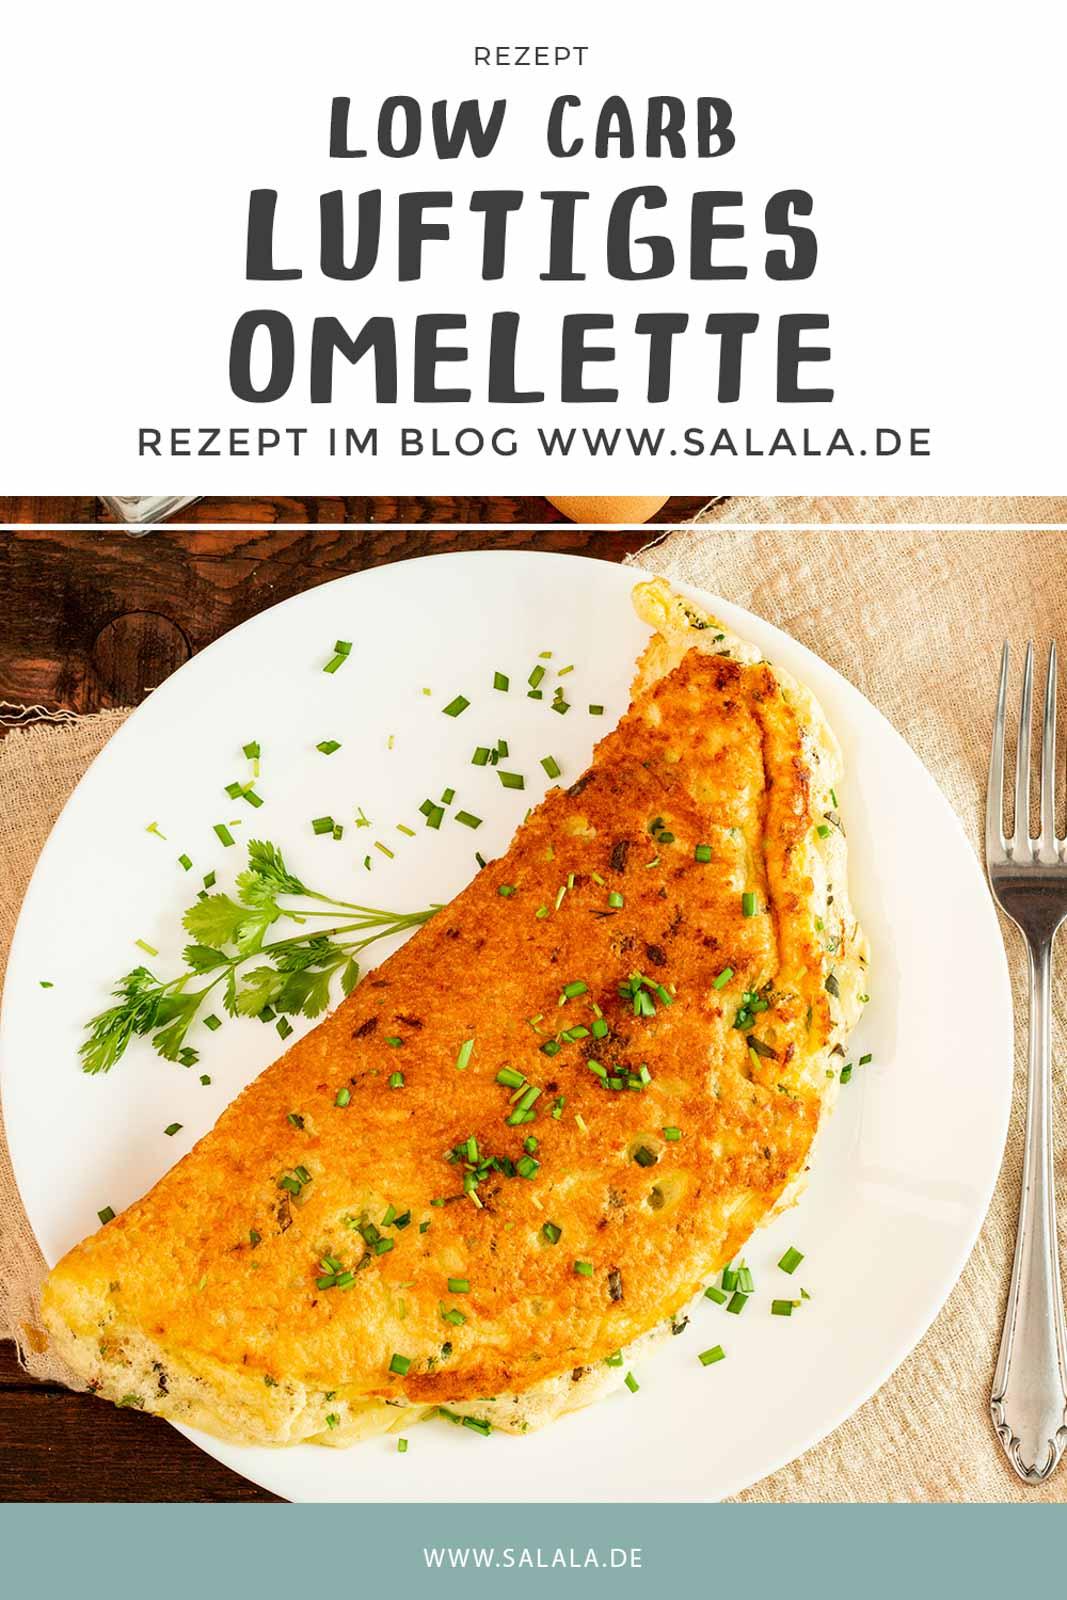 Total luftiges Omelette zu machen ist nicht schwer. Hier gibt's ein Rezpet für ein Keto Omelette mit Käse und Kräutern das perfekt für dein Keto oder Low Carb Frühstück und auch total lecker. Macht dich garantiert lange satt. #LowCarbOmelette #EierfastenRezepte #RezeptfuerOmelette #RezepteMitEier #LowCarbFruehstueck